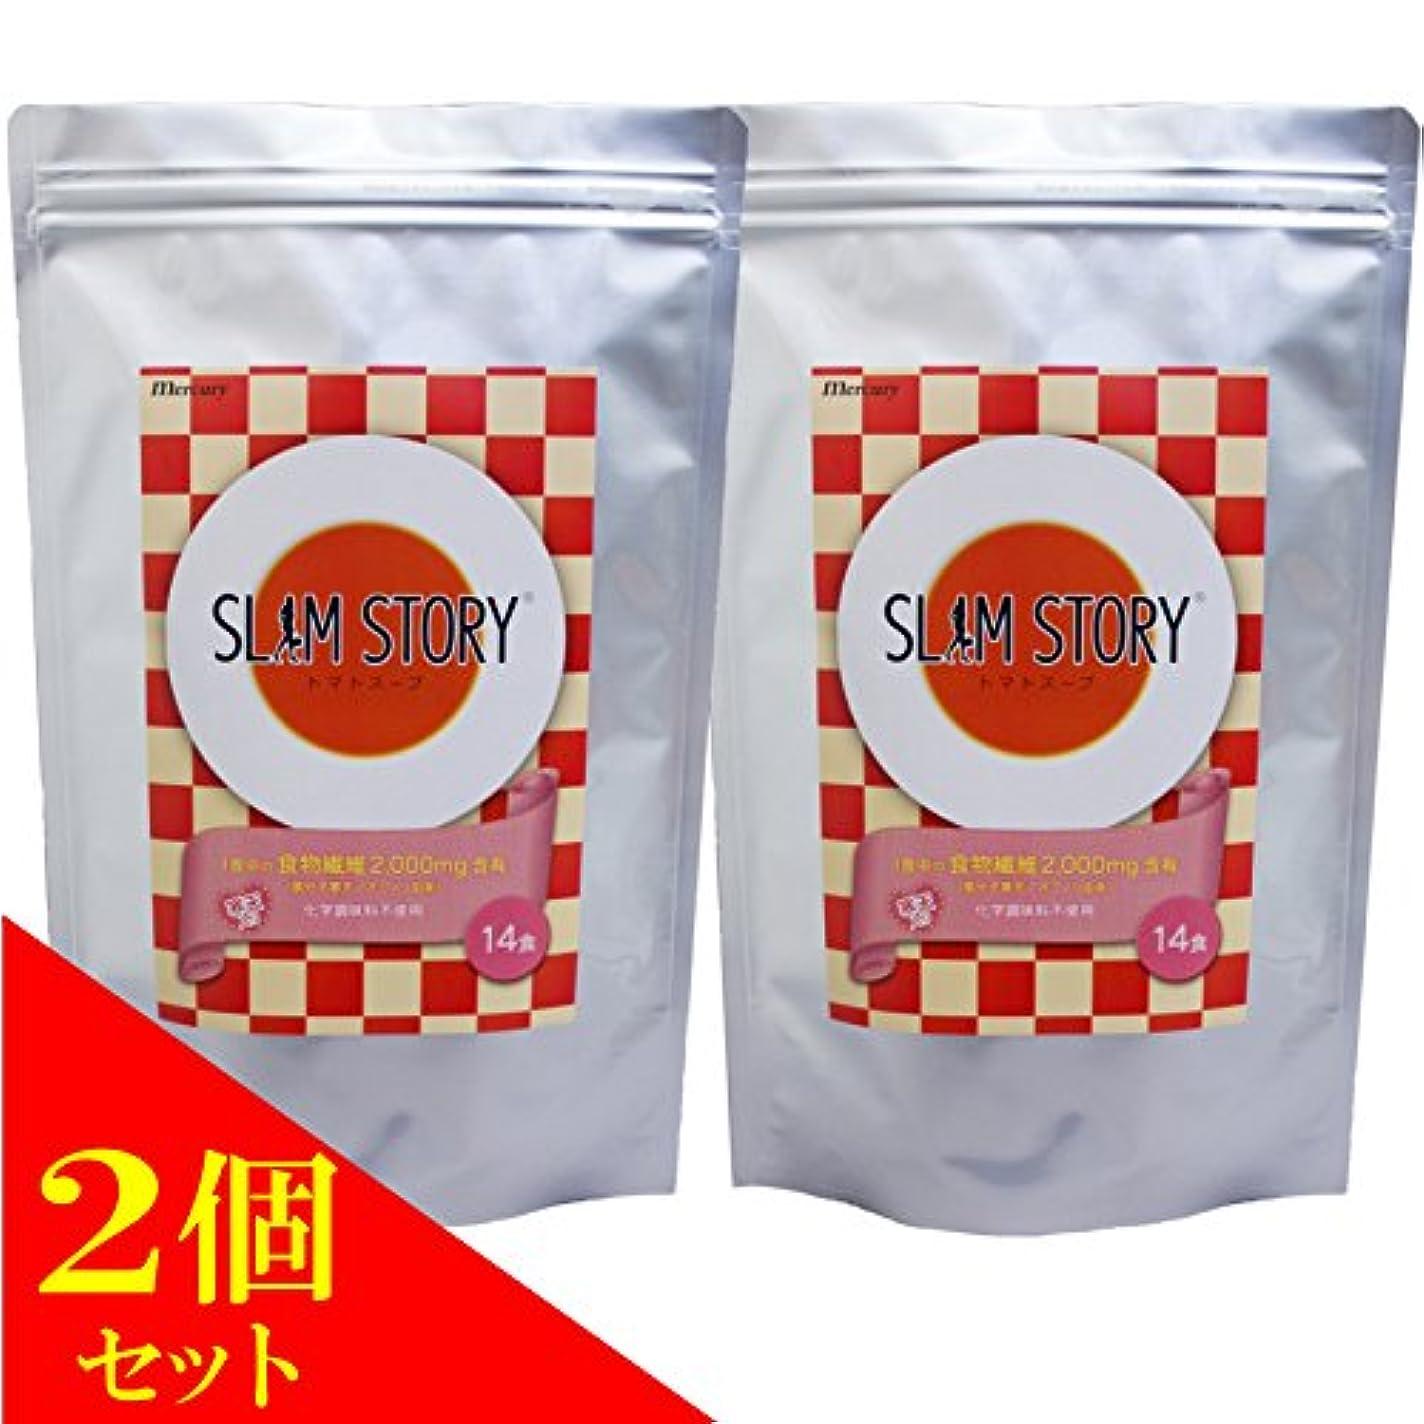 ハドルヘッドレス市民(2個)マーキュリー SLIM STORY トマトスープ 14食×2袋セット/化学調味料 不使用(4947041155022)